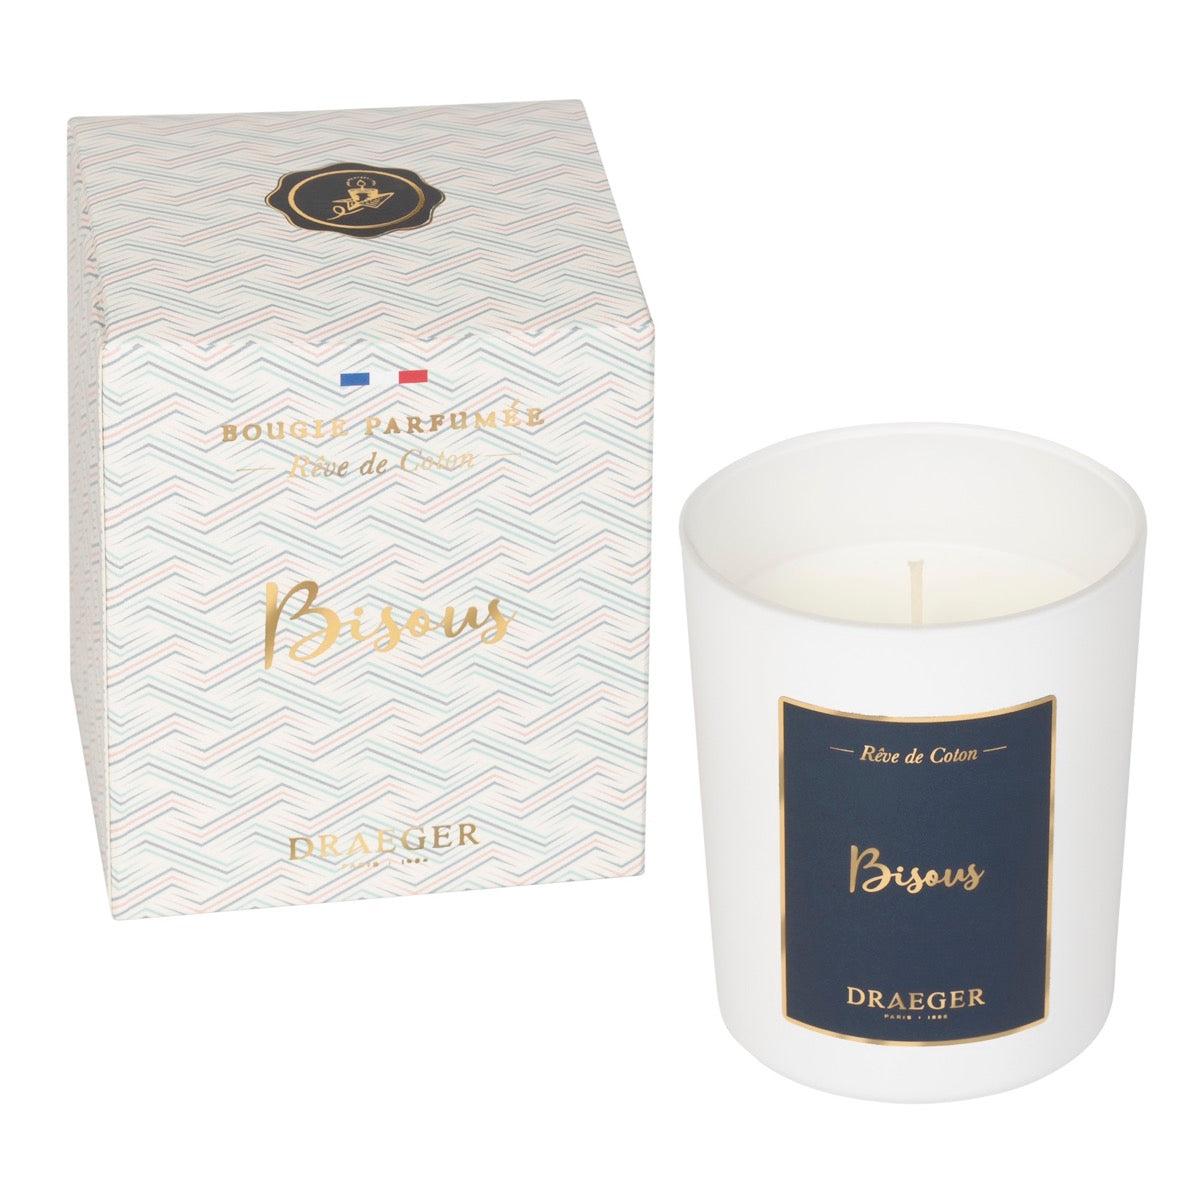 Bougie Cadeau - Bisous